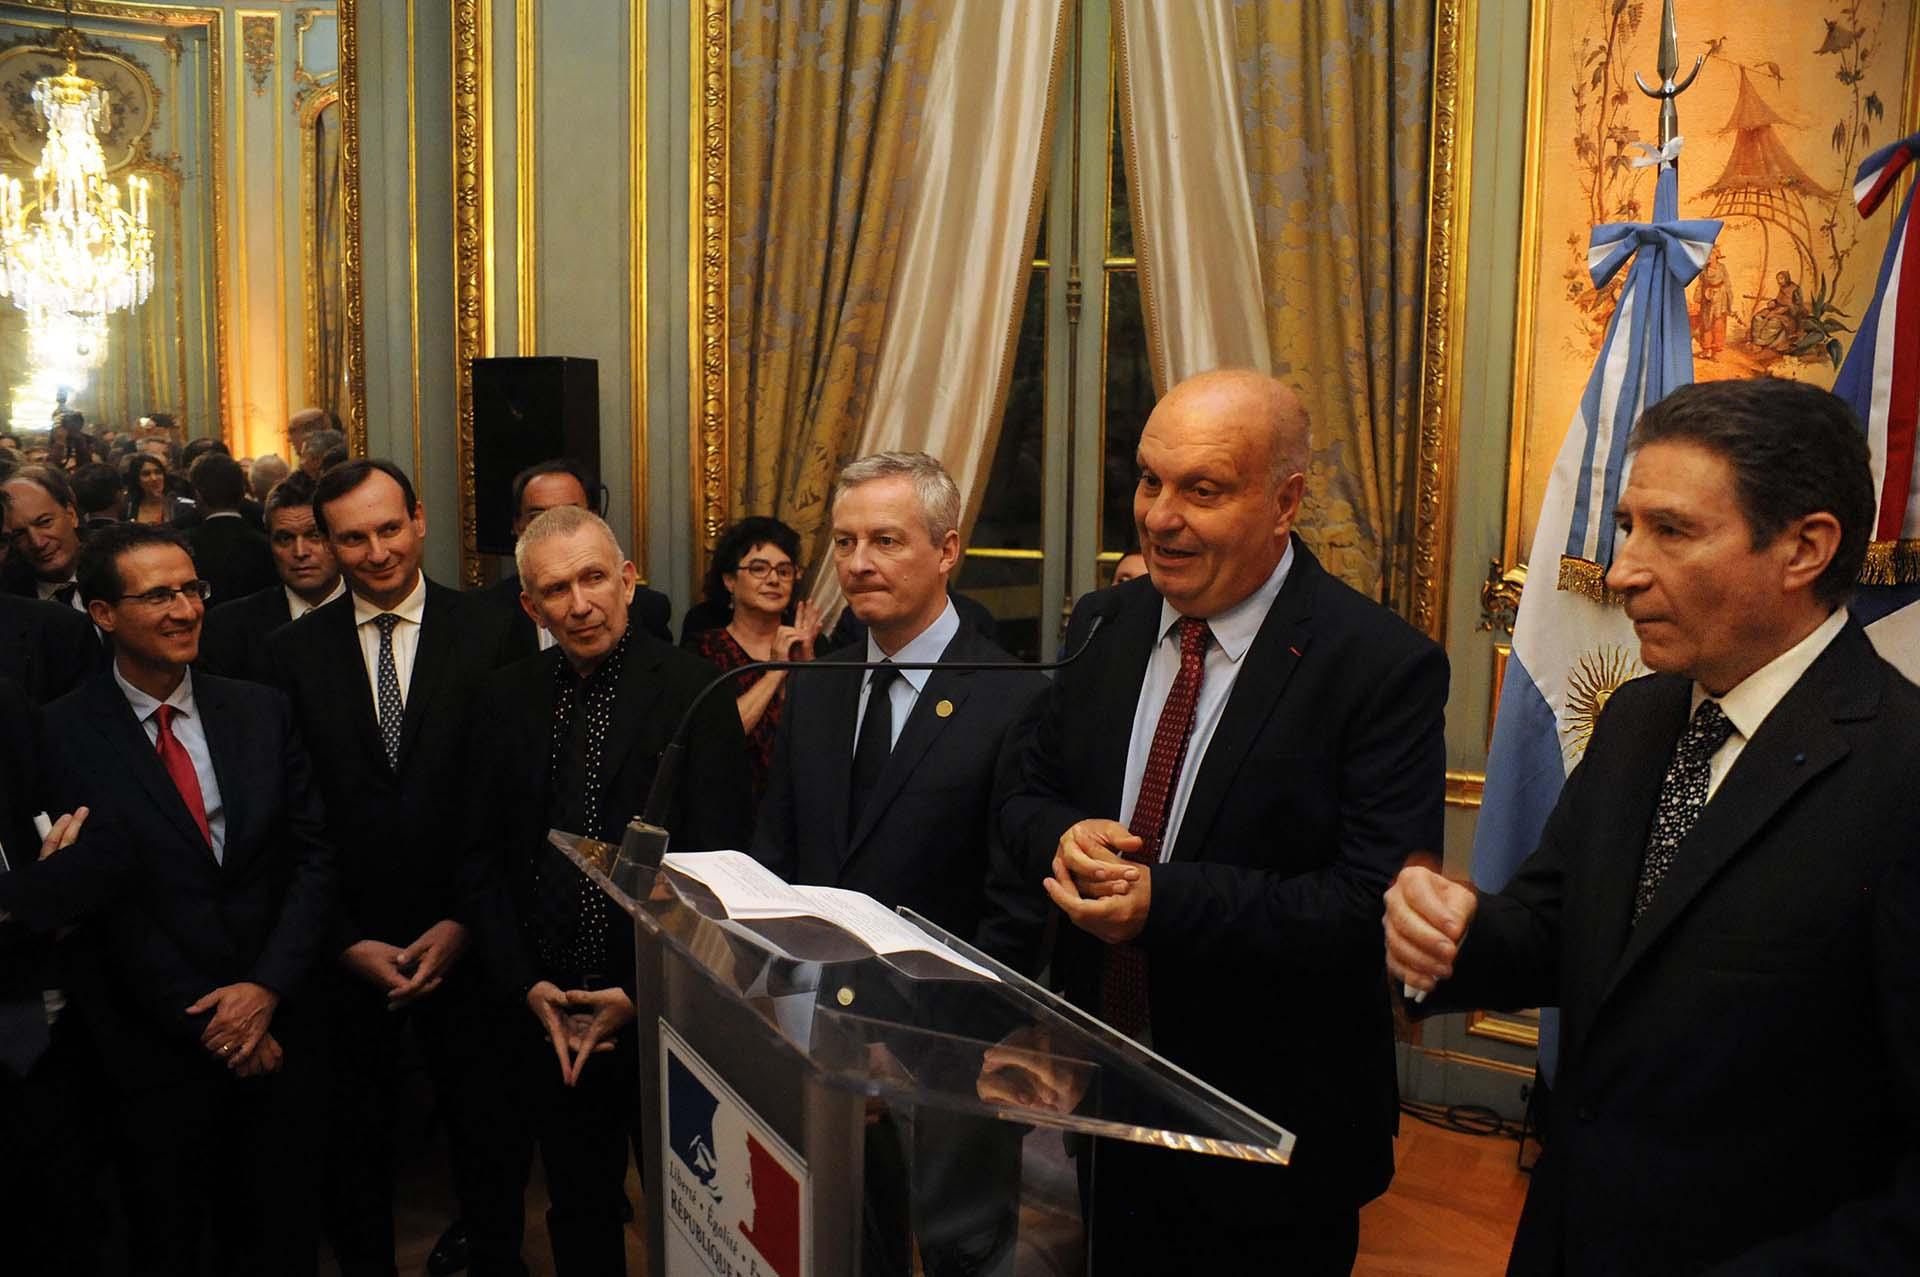 Al centro, Jean Paul Gaultiery el ministro de Finanzas de Francia, Bruno Le Maire. Hernán Lombardi y elembajador Pierre-Henri Guignardpresidieron la velada